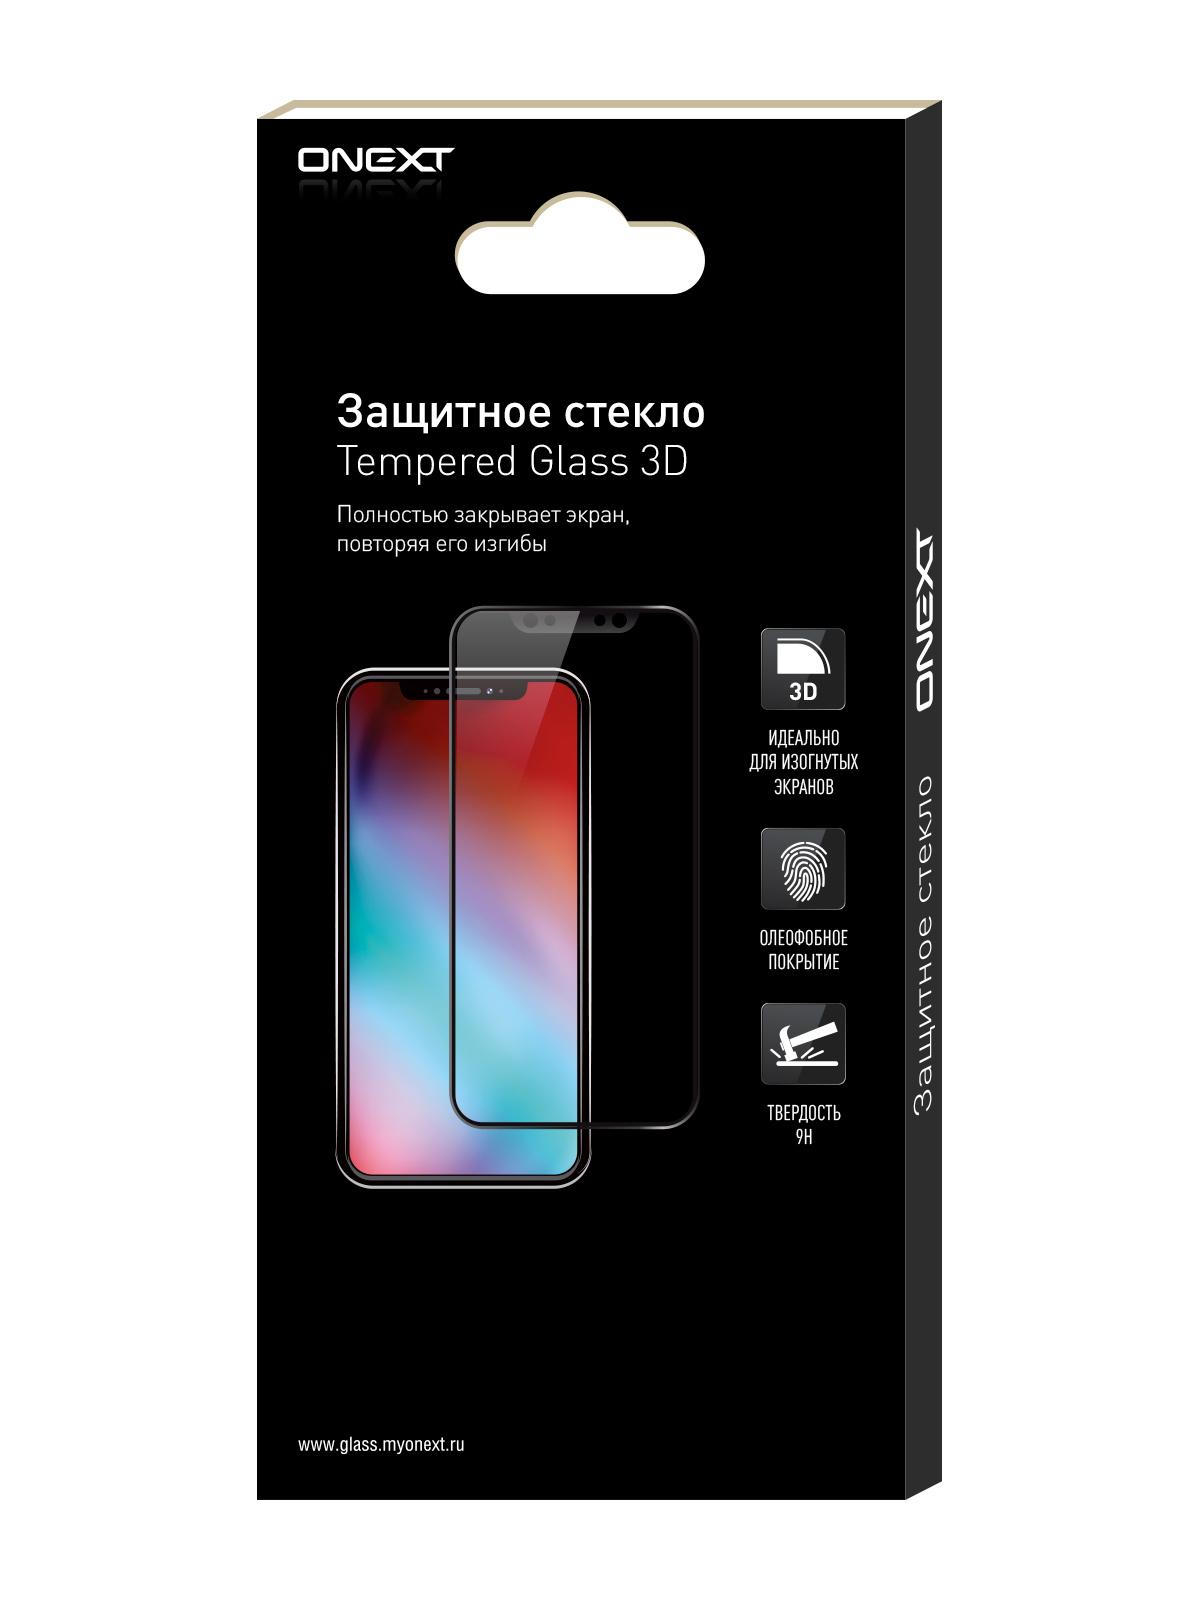 Защитное стекло ONEXT для Apple iPhone 8 Gold